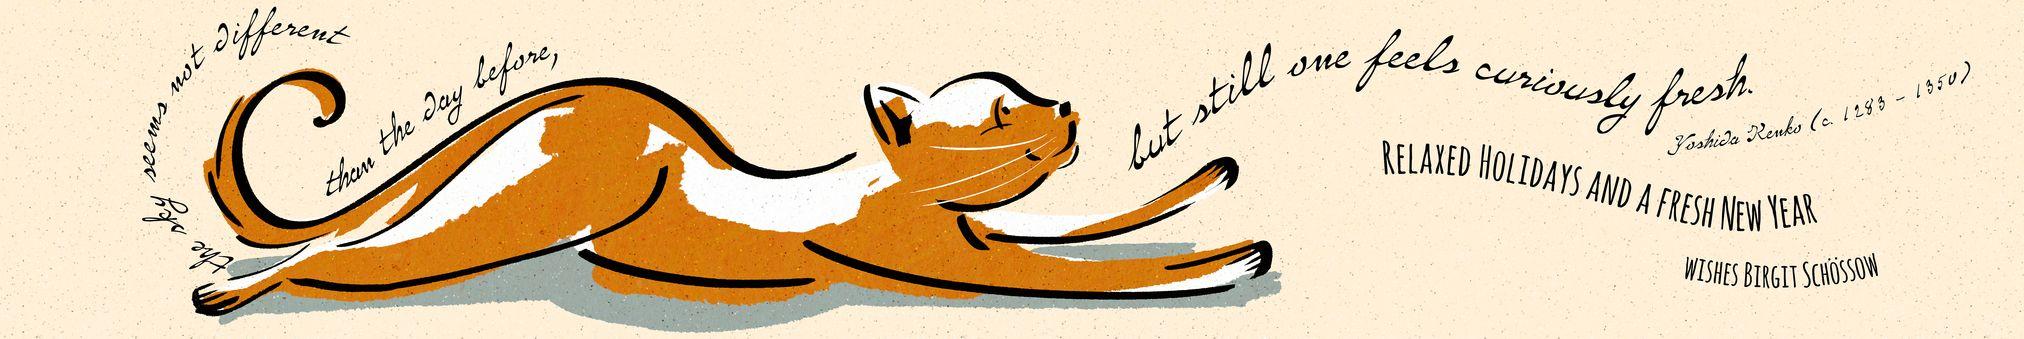 garance-illustration-birgit-schossow-best-wishes-3